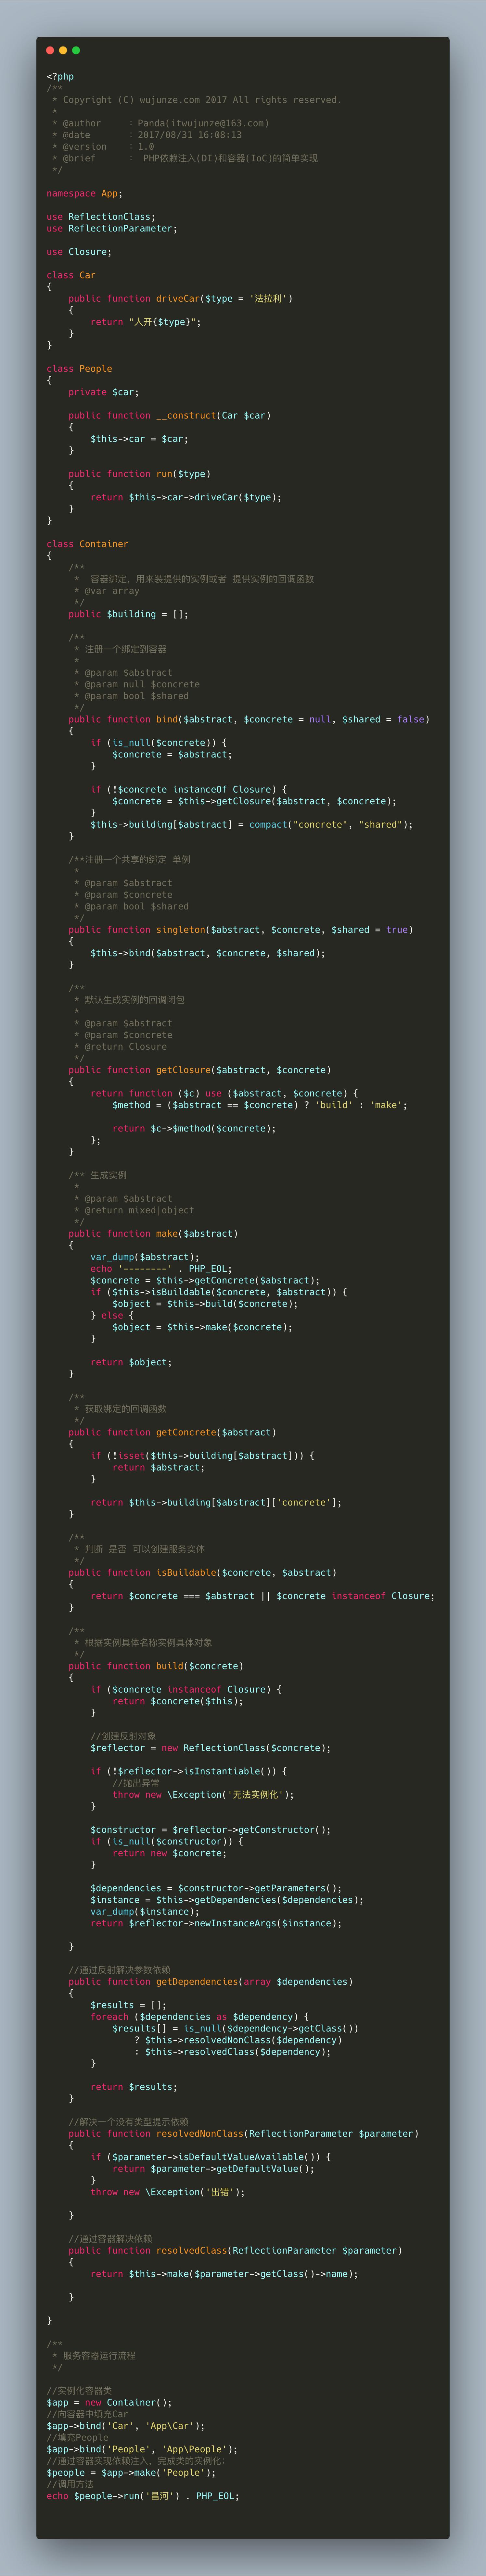 php Di code image